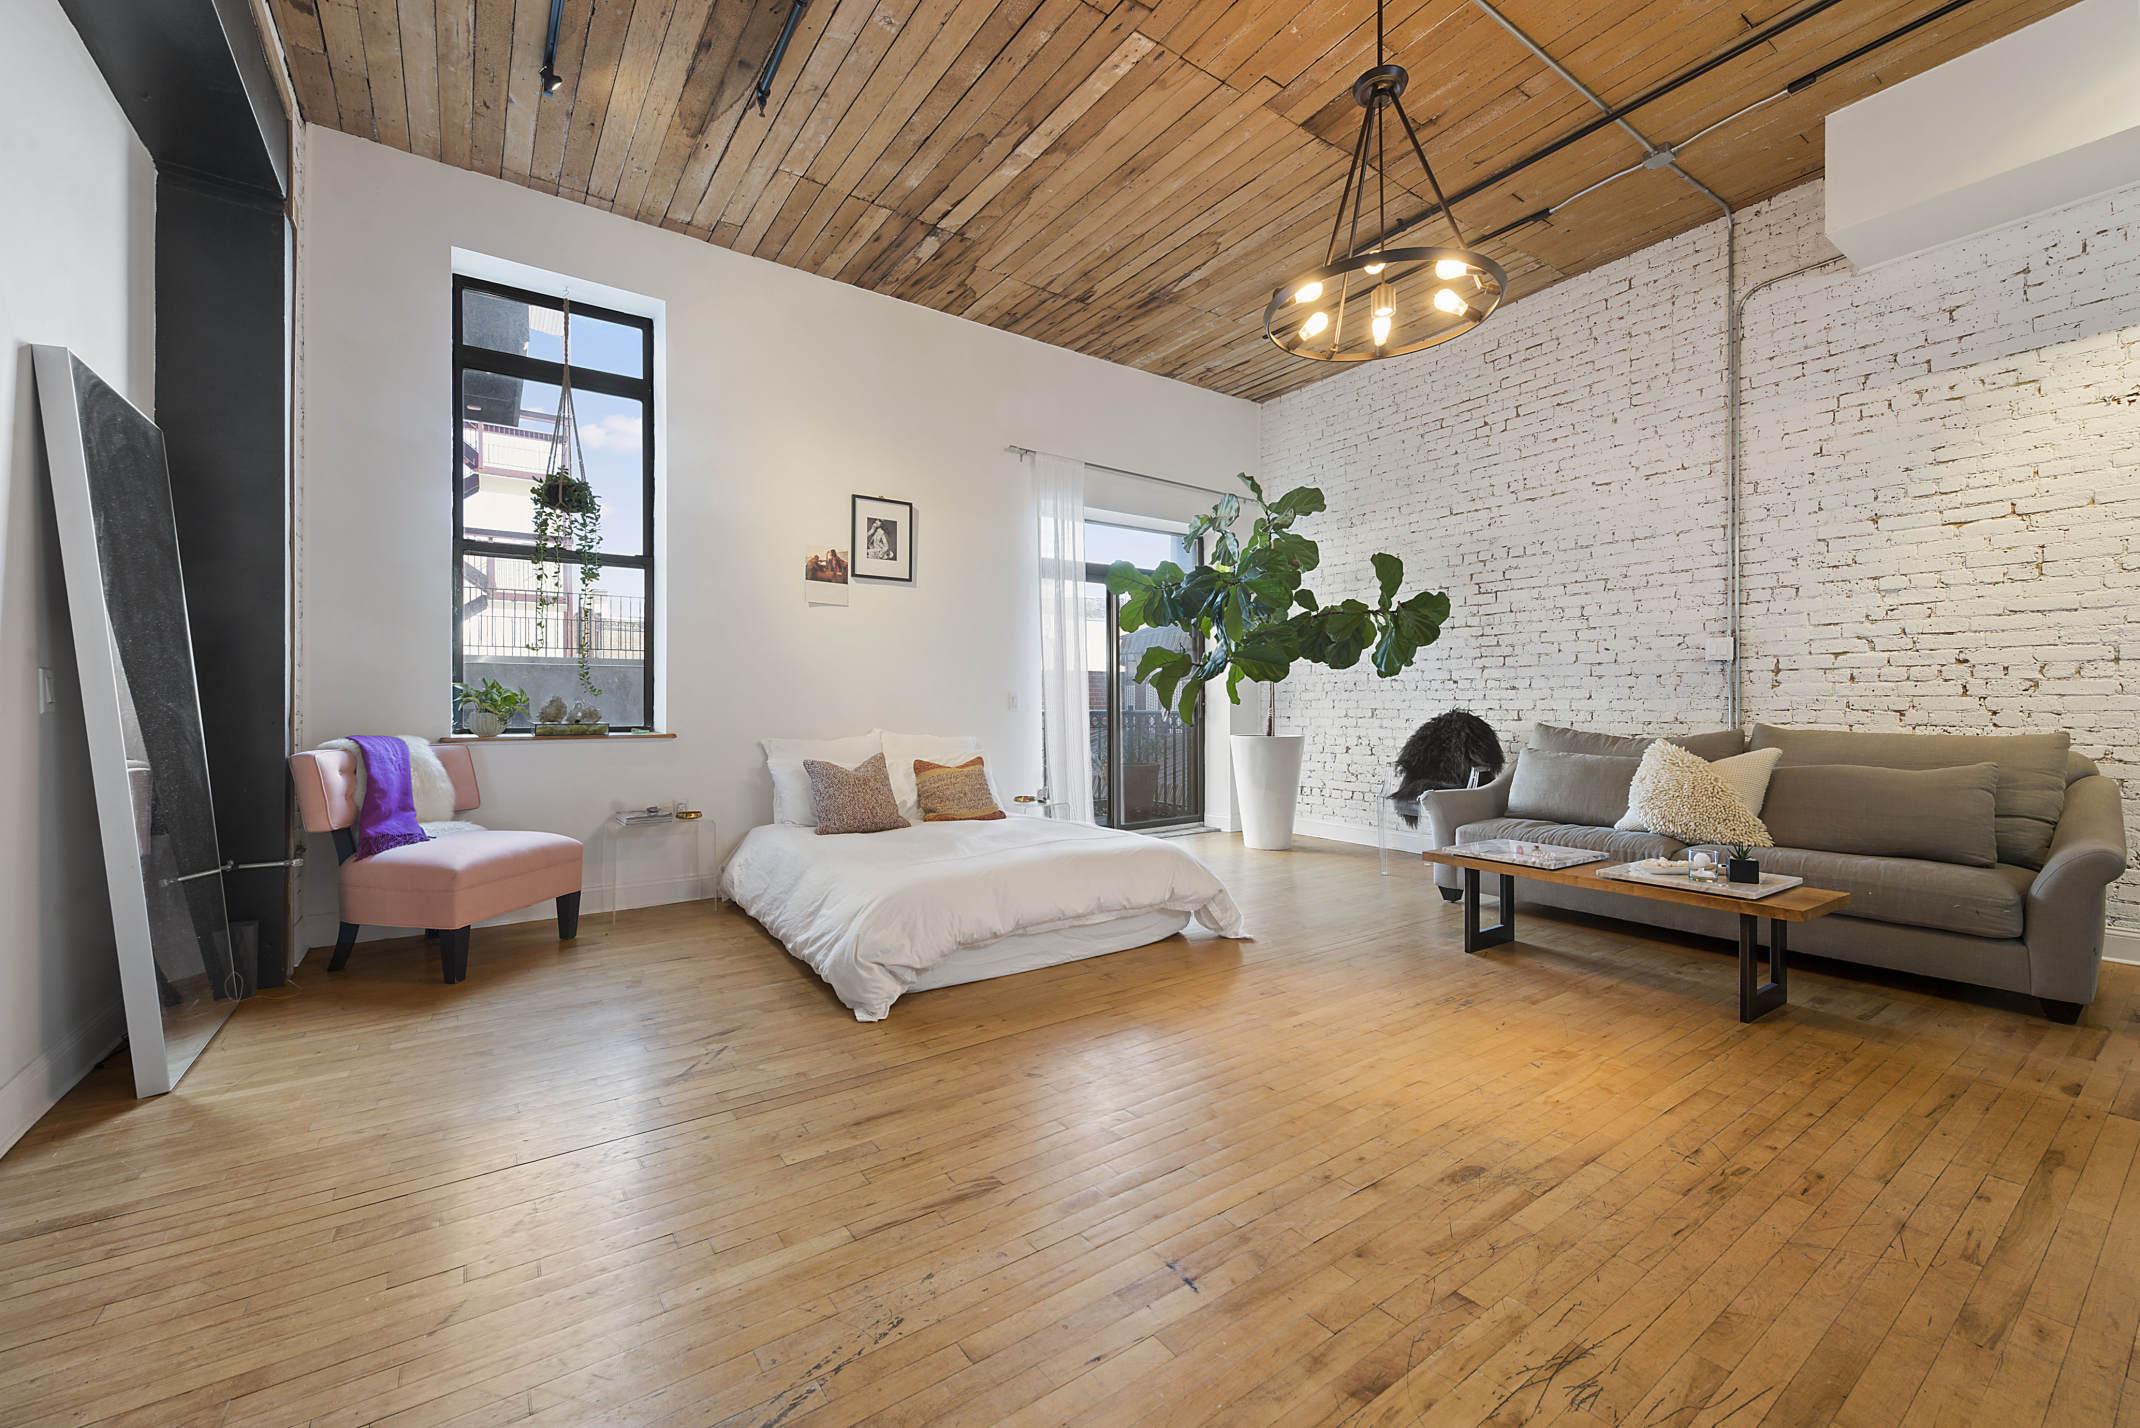 Merveilleux Massive Williamsburg Studio, Asking $3,750 A Month, Is Called A U0027Loft  Loveru0027s Dreamu0027